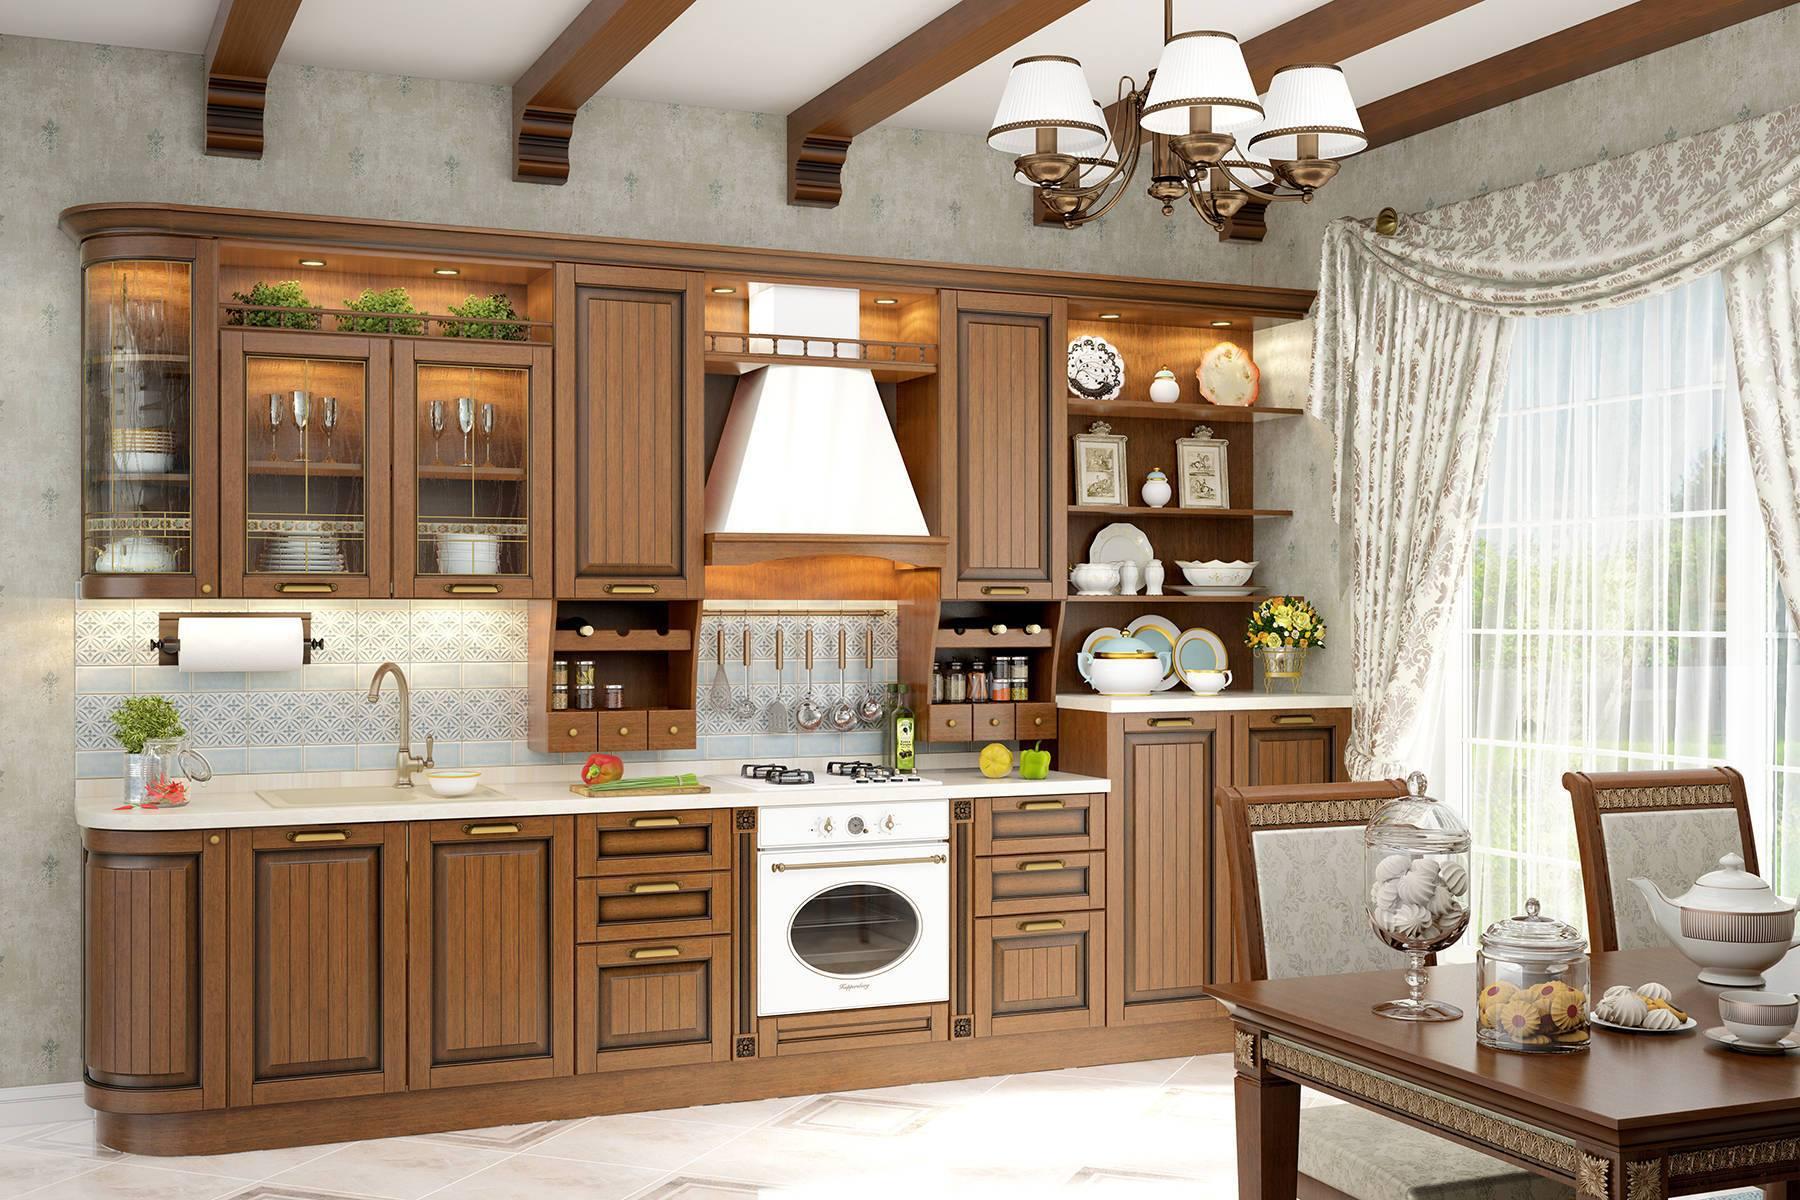 Кухня Бристоль на заказ набор настольный bestar osiris из массива дерева сепетир 7 предметов цвет орех 236387